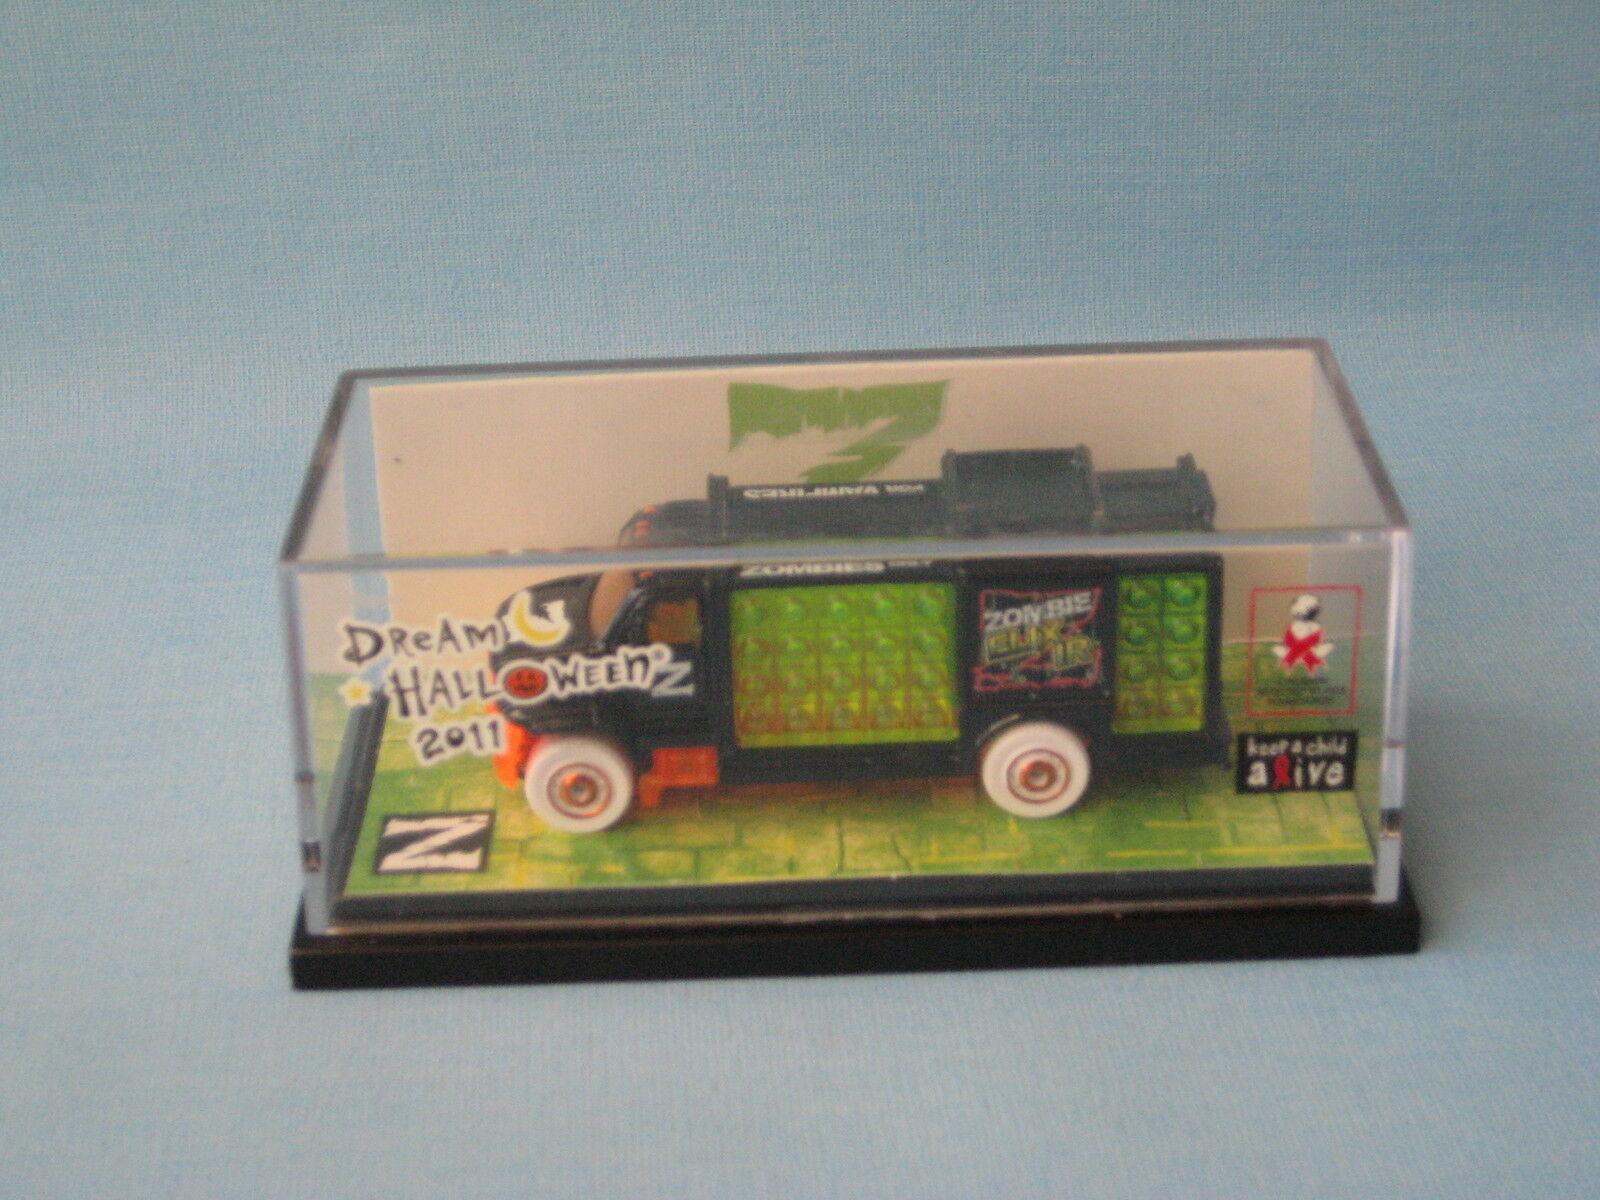 Matchbox aqua boissons camion de livraison dream halloween 2011 ball usa issue rare